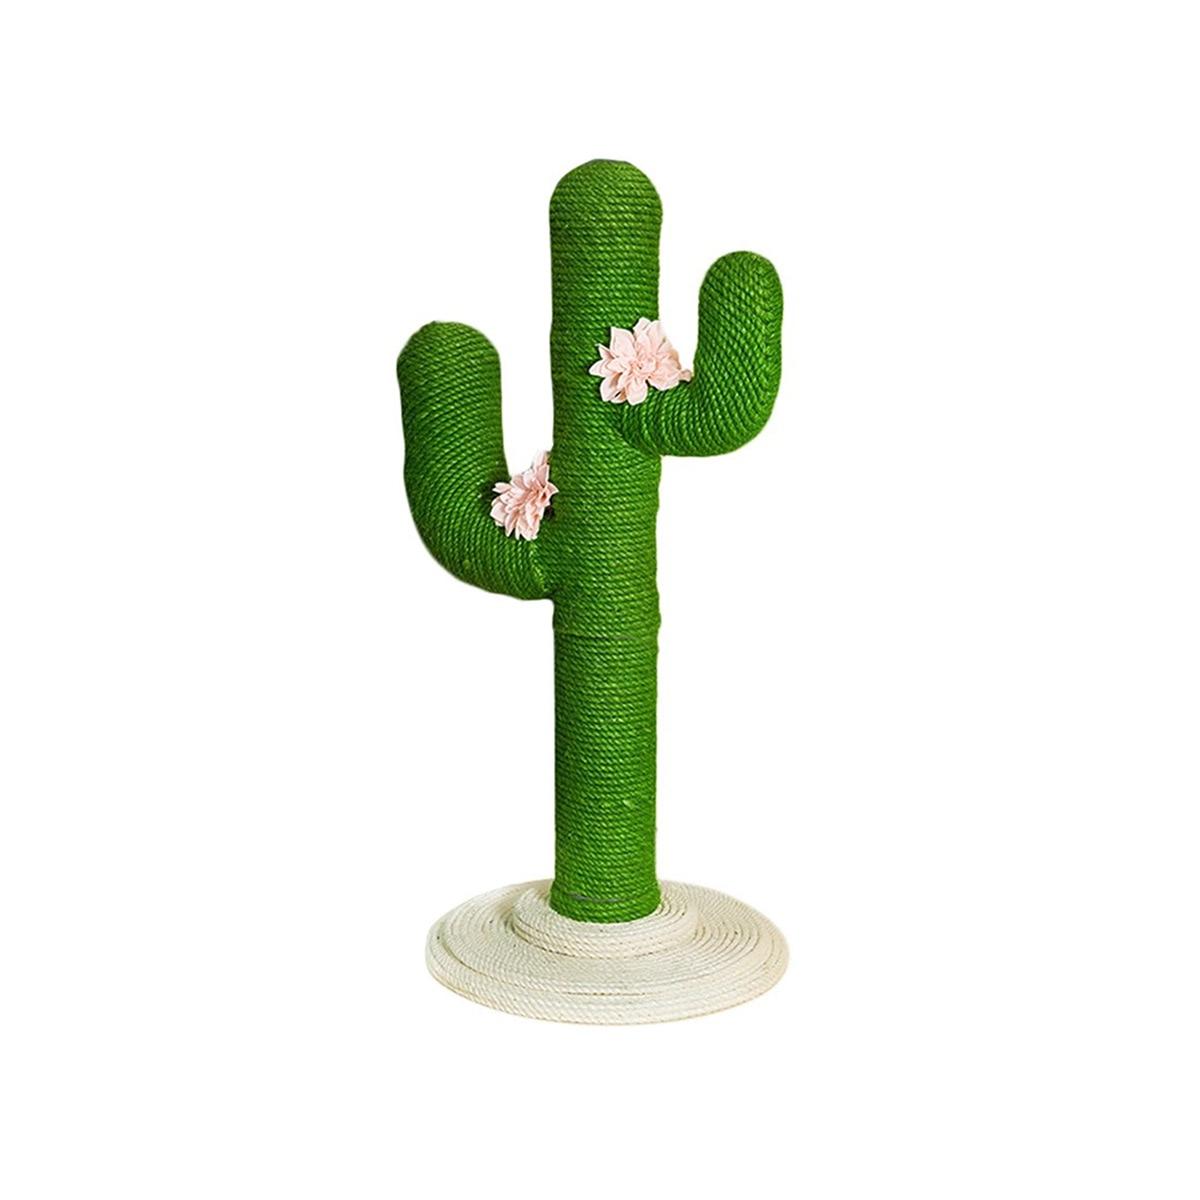 Chat escalade cadre Pet jouet Molu naturel Jute corde Cactus chat arbre maison chaton maison étagère corde tour scratchers poste meubles